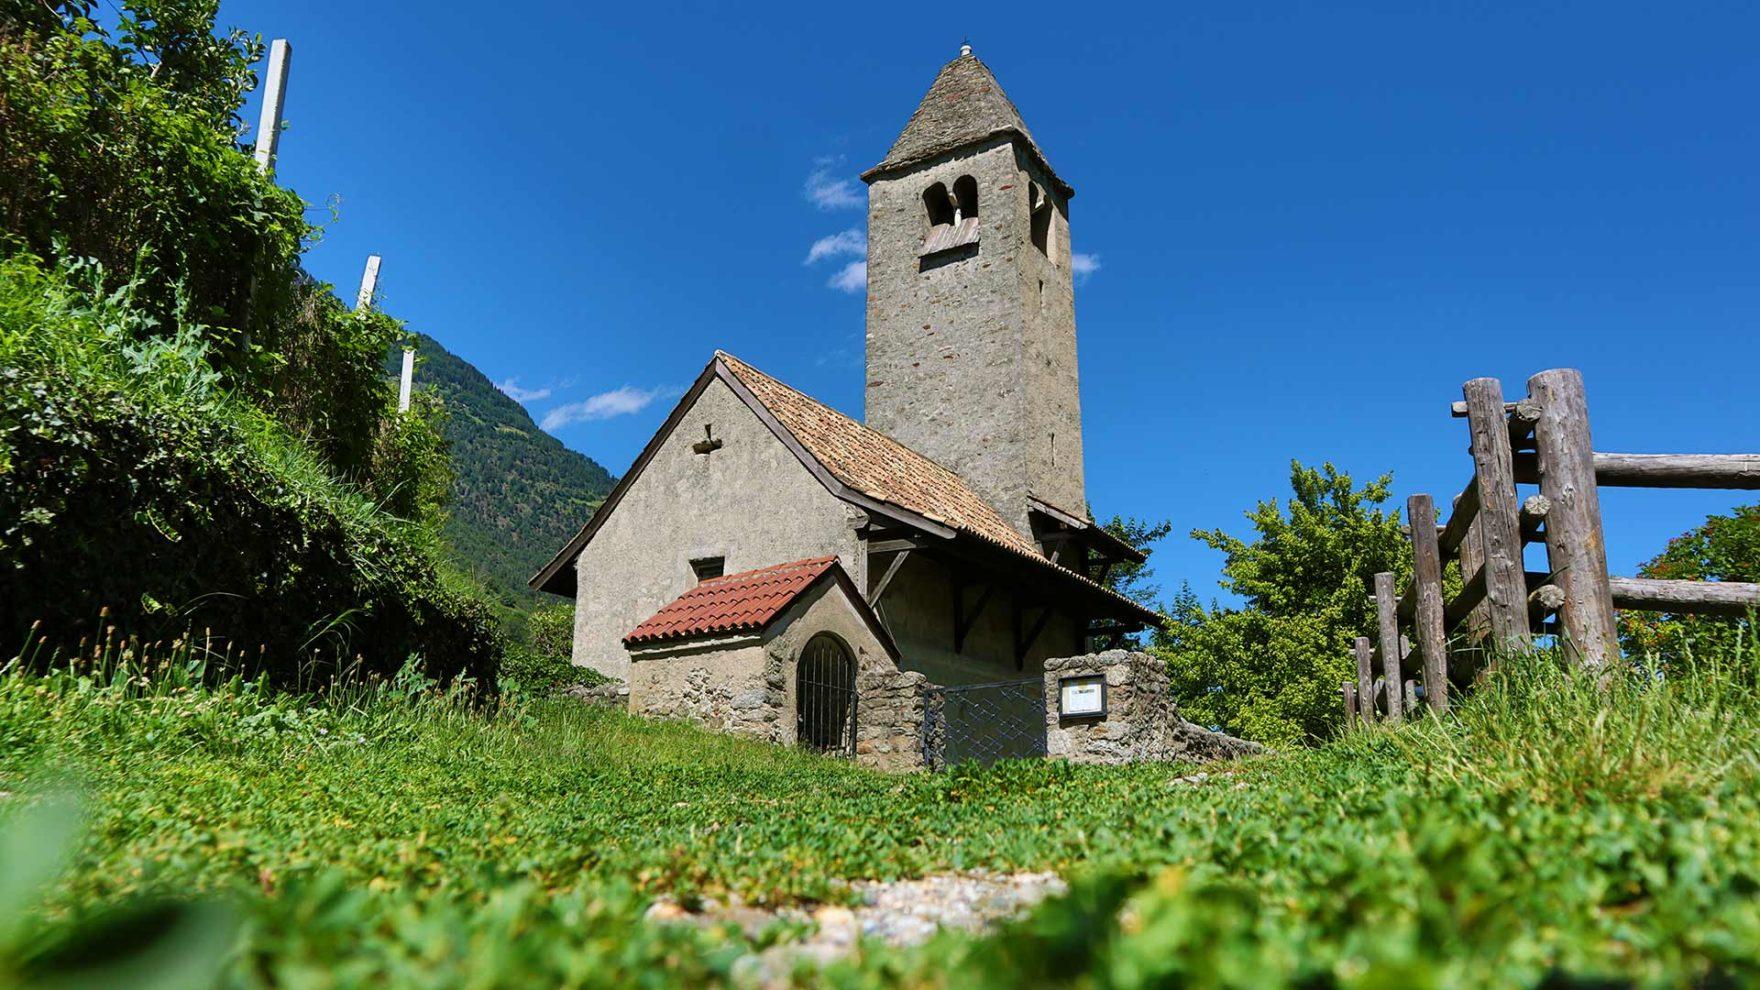 La chiesetta di San Procolo a Naturno